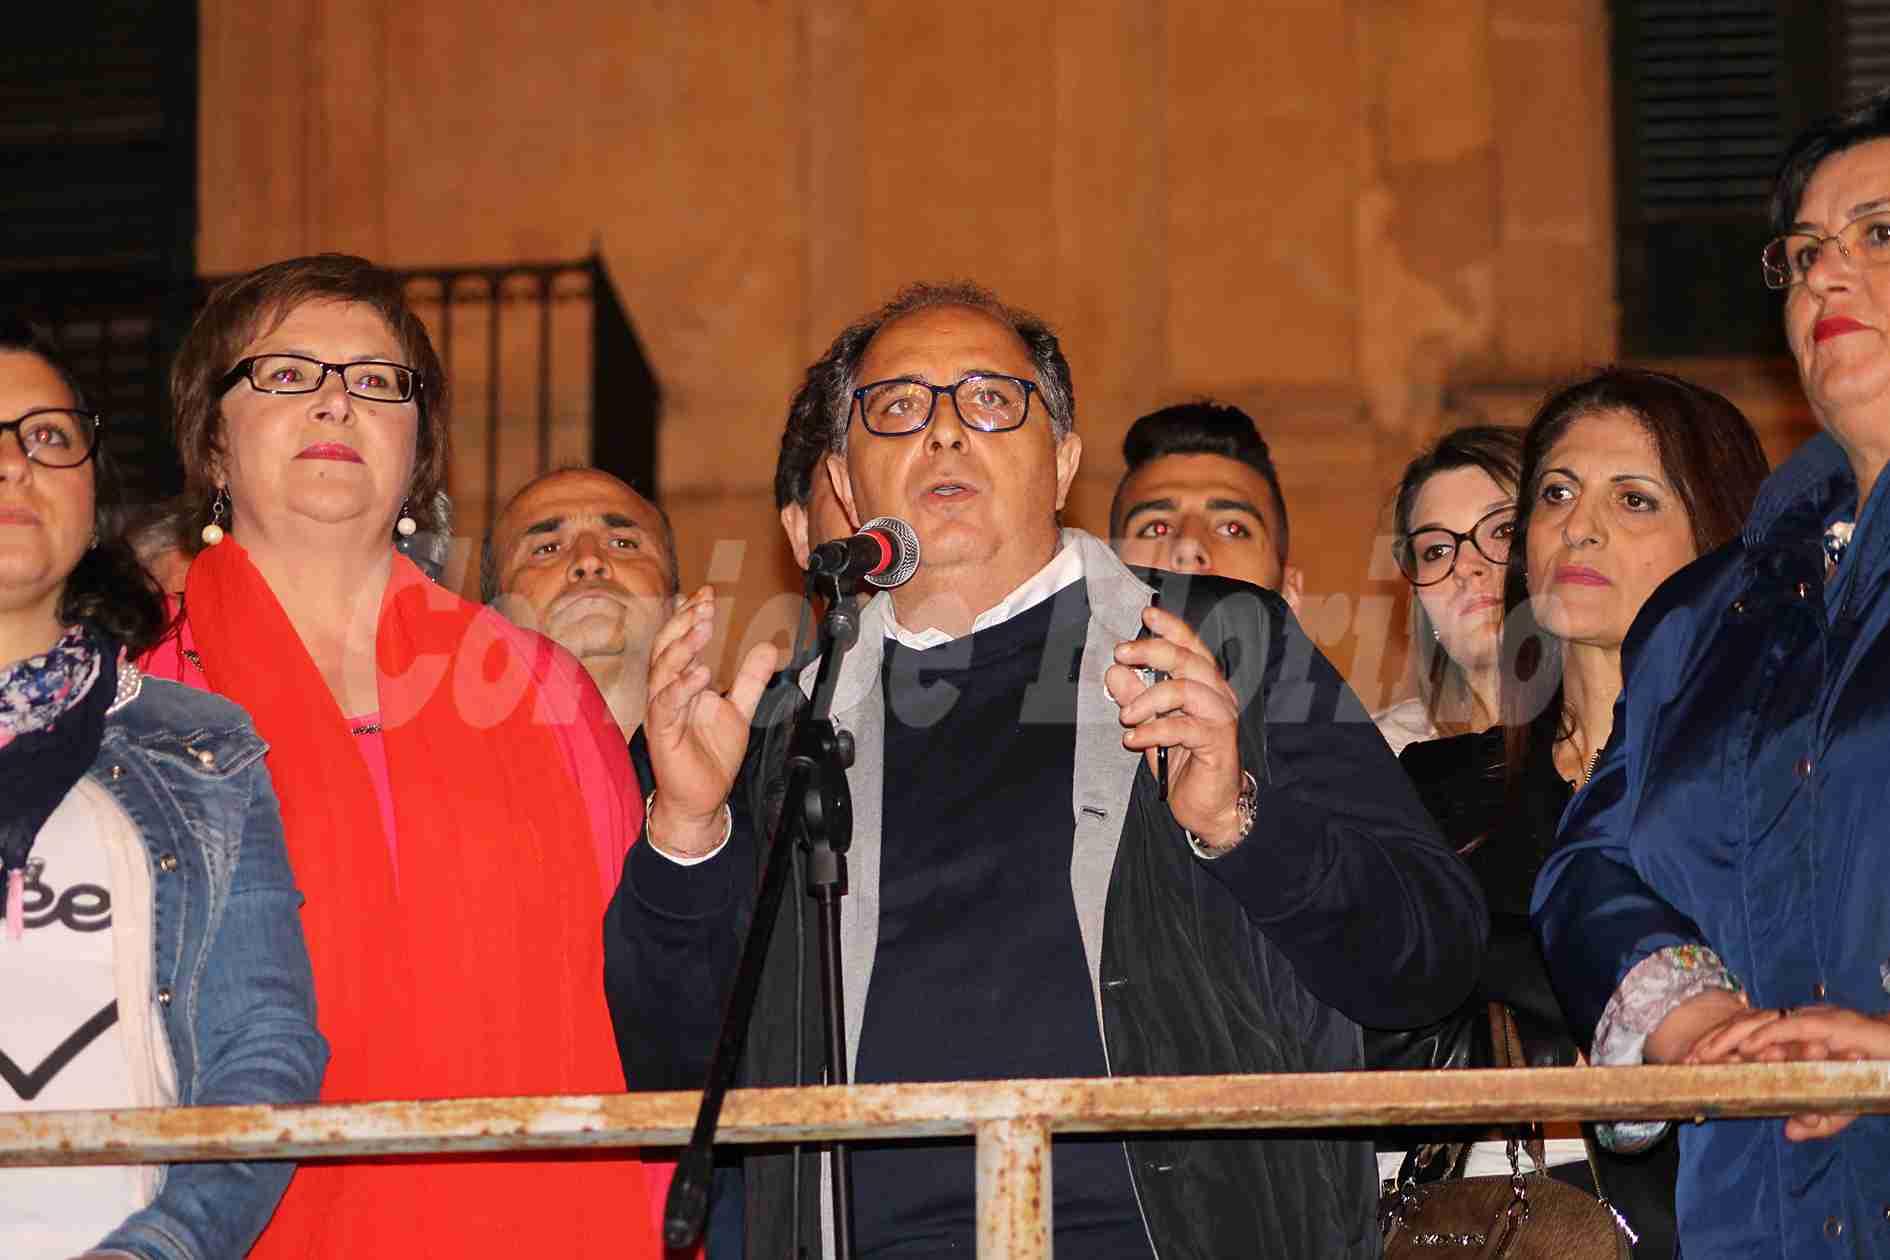 """Crisi politica, parla Gennaro: """"Basta tirare a campare. L'1 marzo è il giorno della responsabilità"""""""